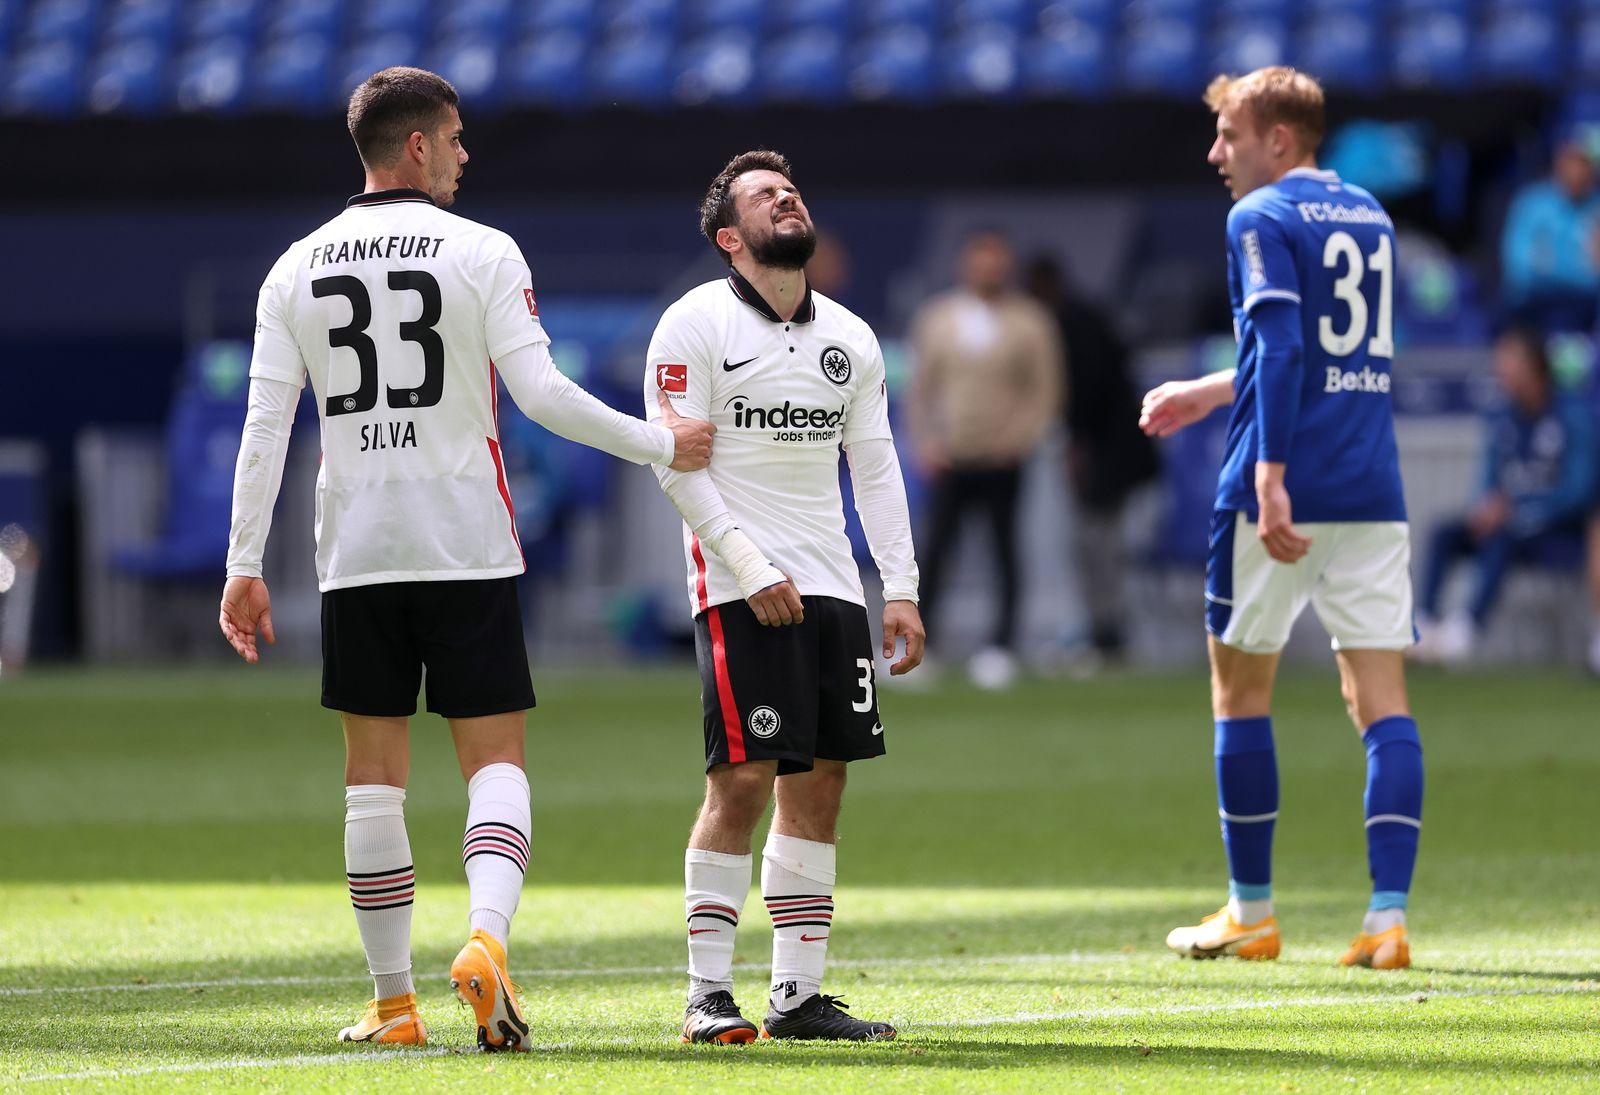 FC Schalke 04 v Eintracht Frankfurt